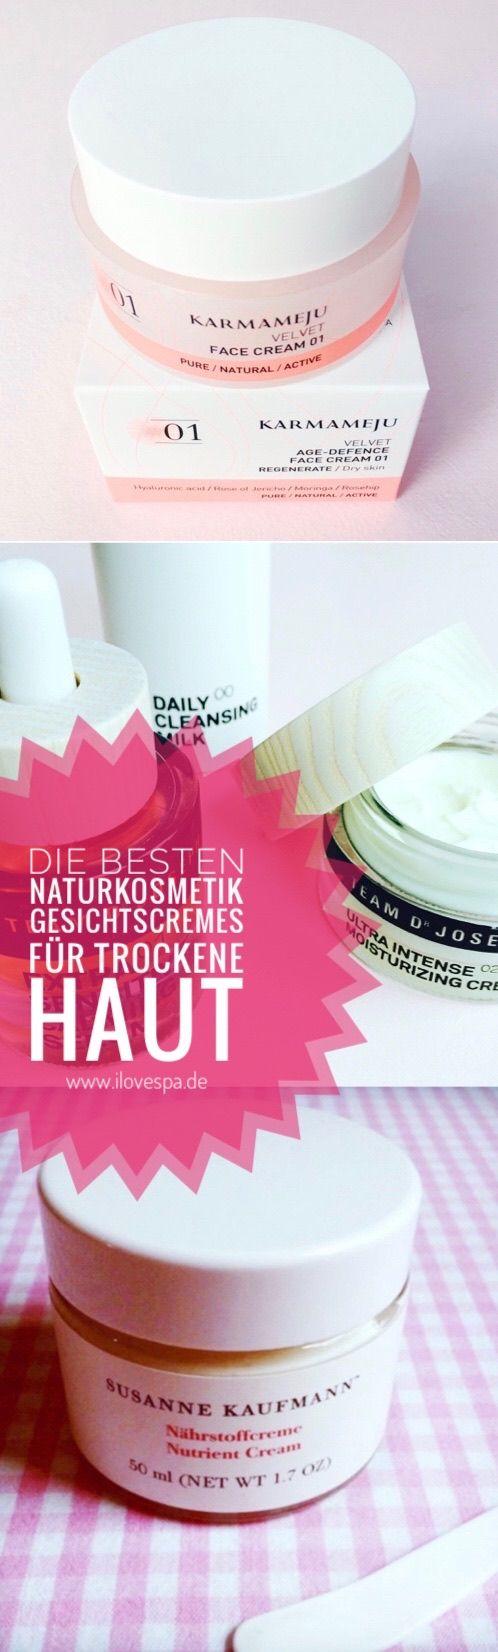 Die beste Naturkosmetik Gesichtscreme für trockene Haut im..